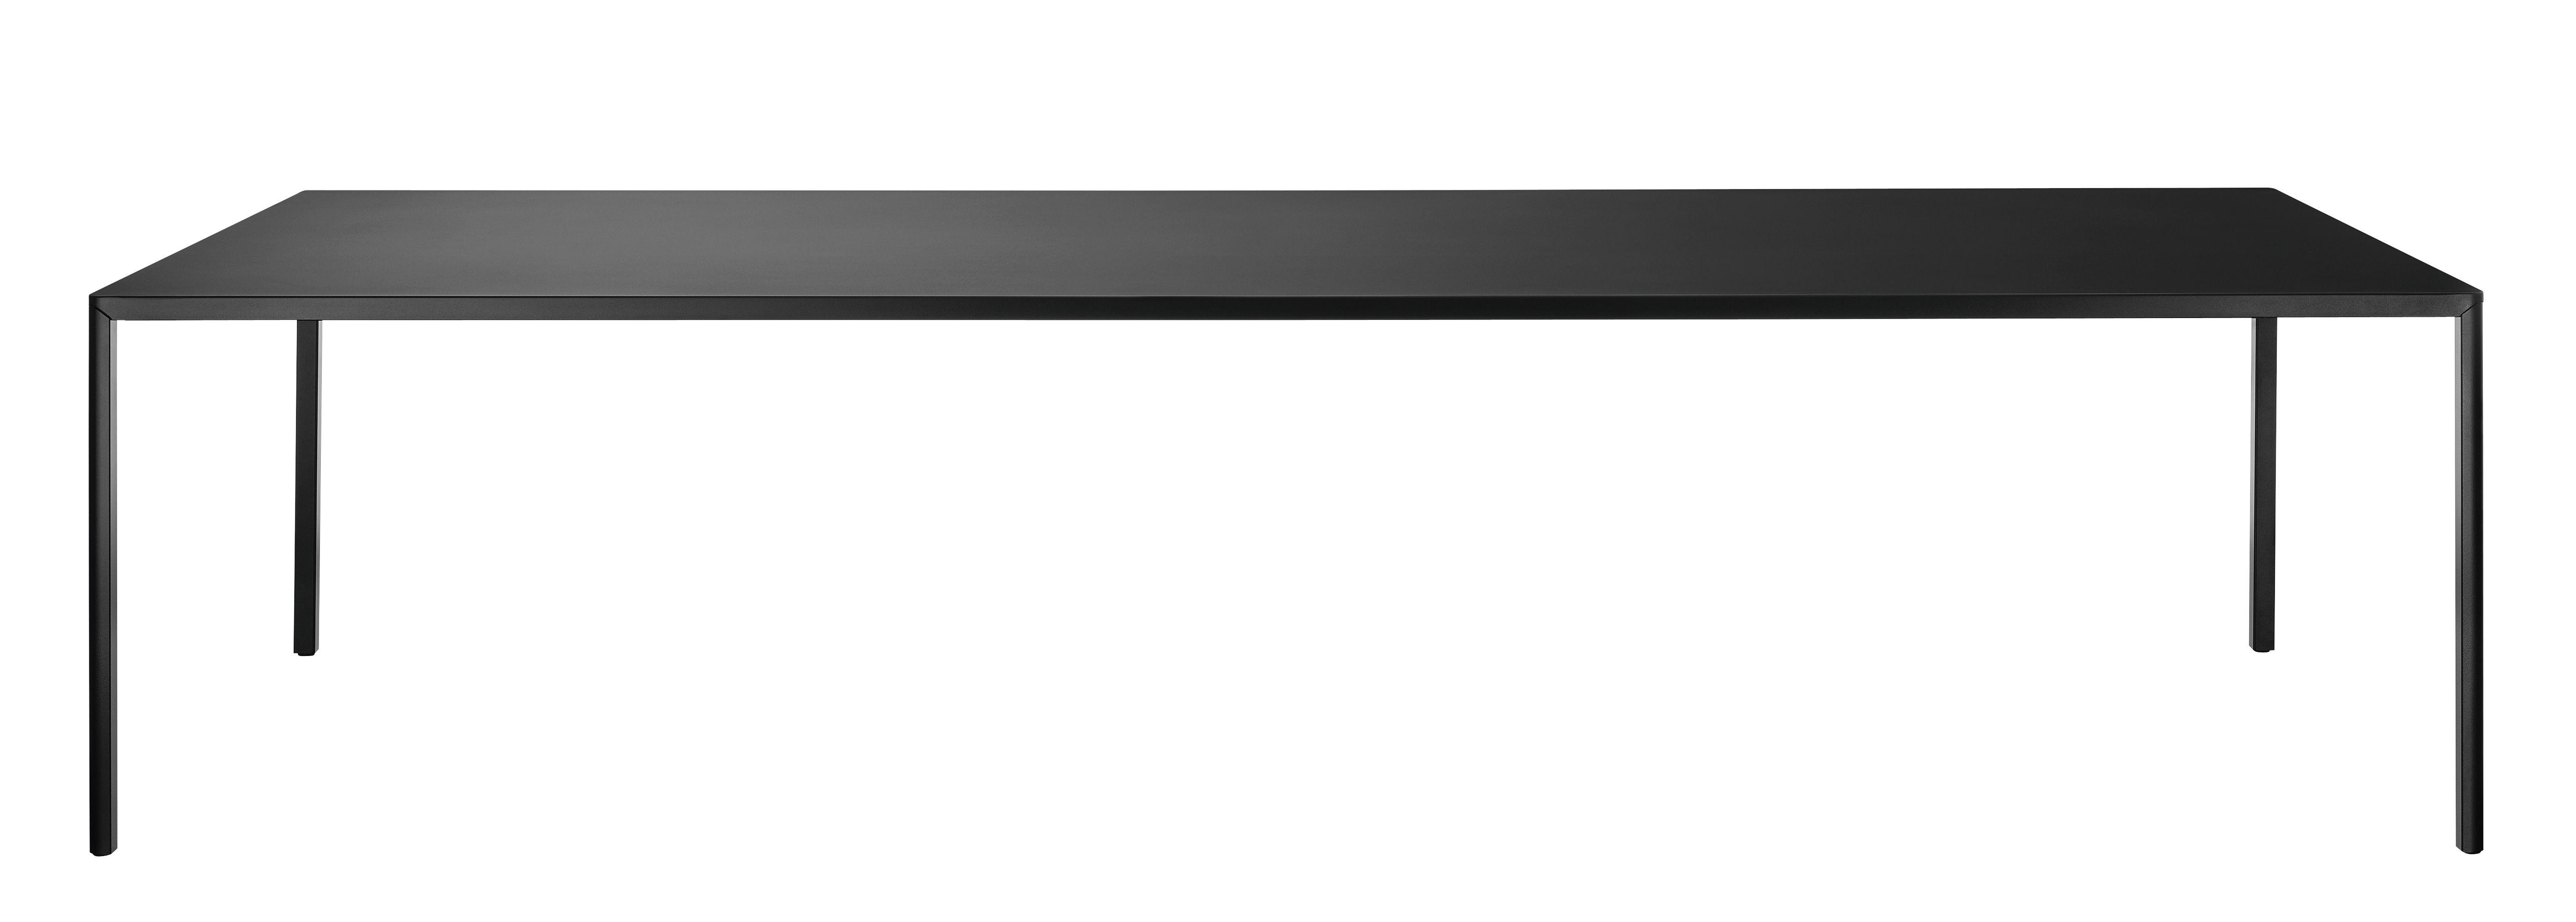 Outdoor - Tische - Passe-partout Outdoor rechteckiger Tisch / 280 x 110 cm - Magis - Schwarz - gefirnister Stahl, klarlackbeschichtetes Aluminium